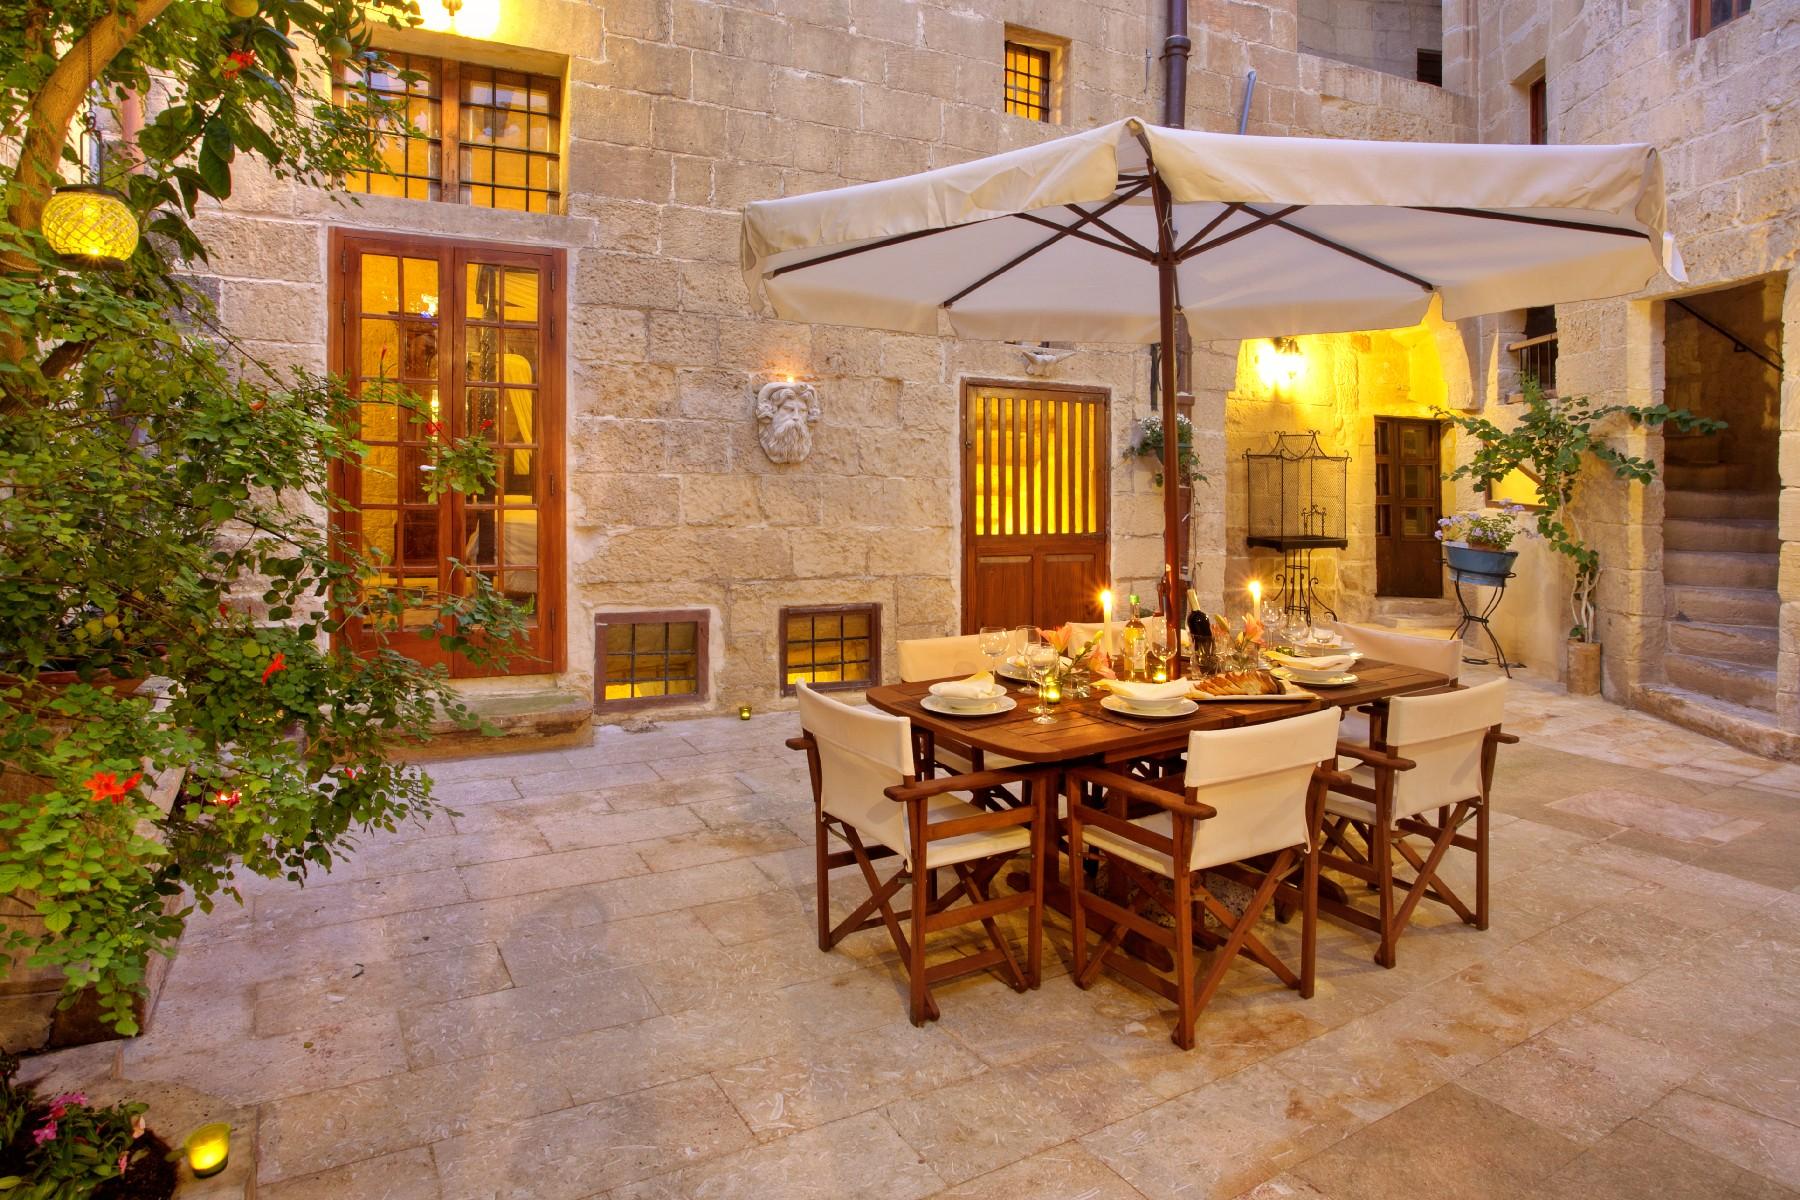 Malta Property for sale in Malta, Zejtun